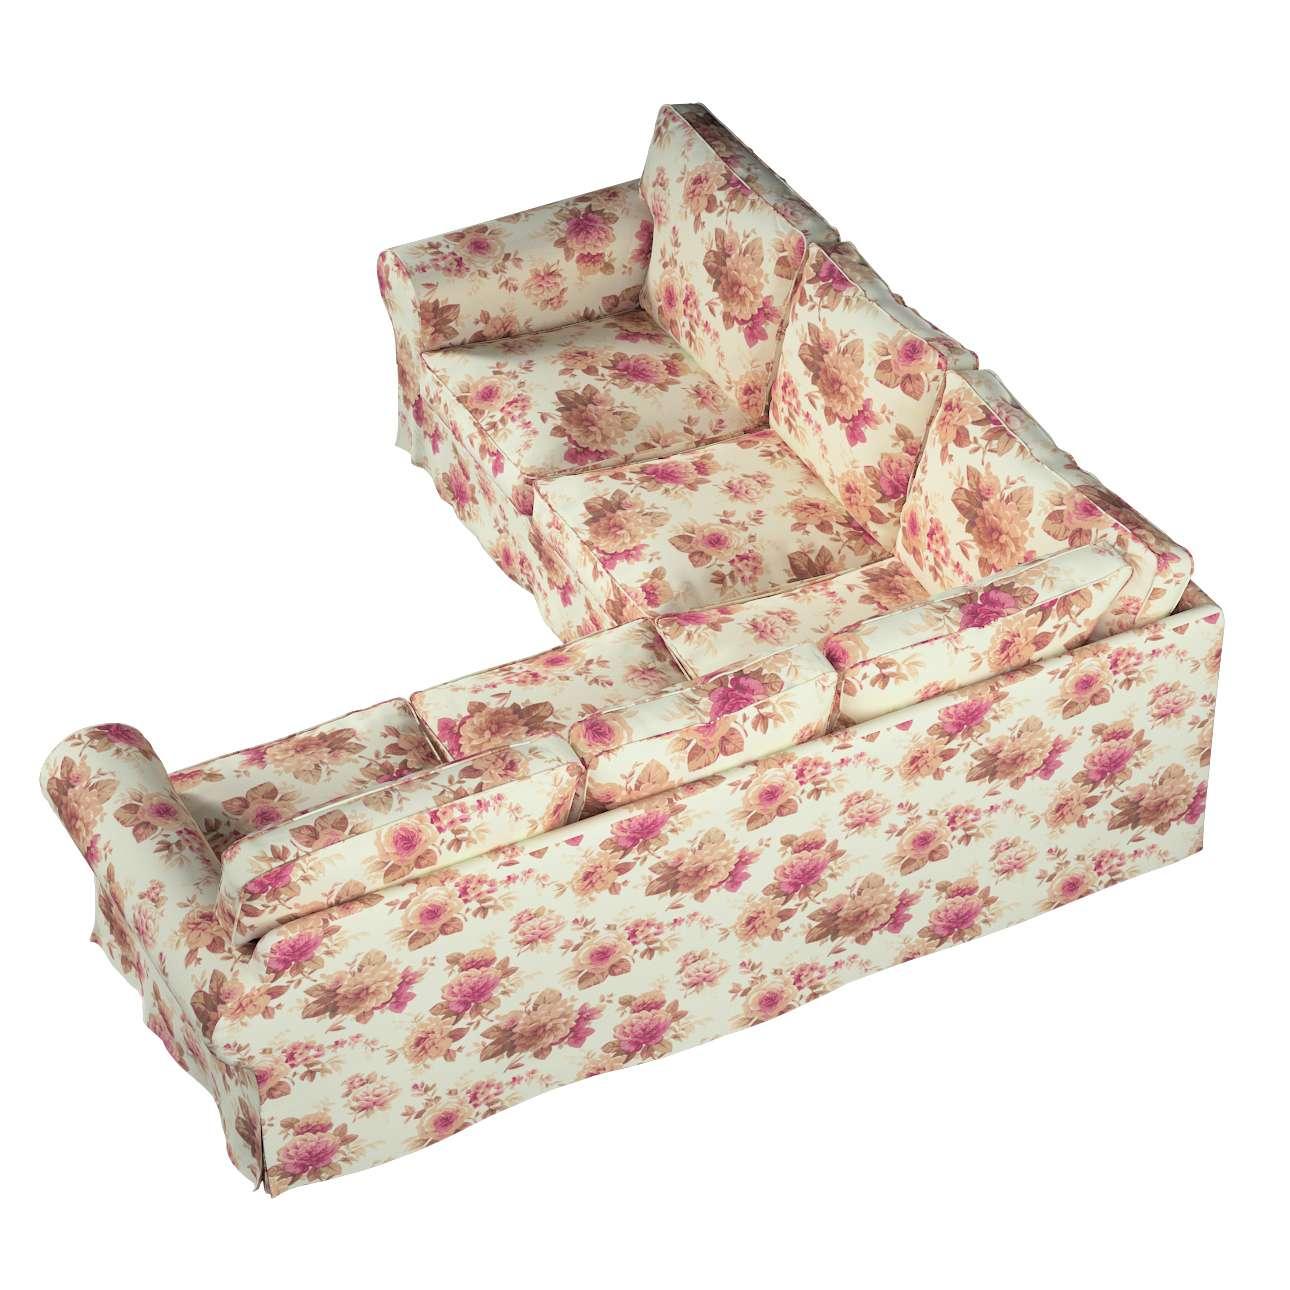 Pokrowiec na sofę narożną Ektorp w kolekcji Londres, tkanina: 141-06